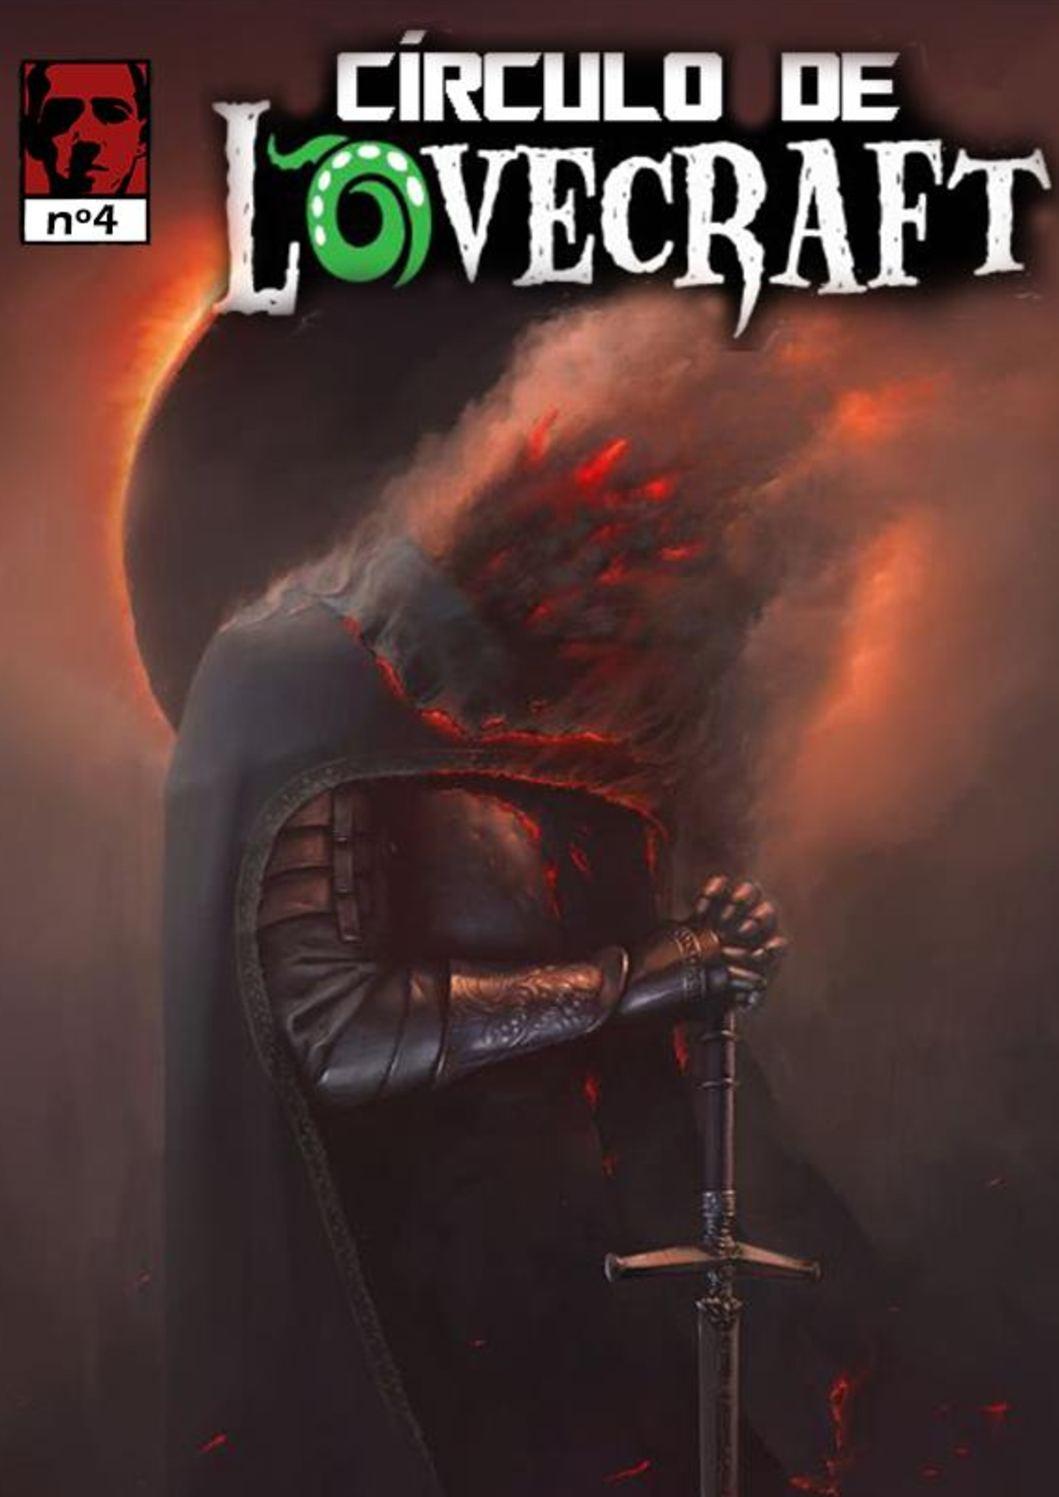 53648dfe1a946 Calaméo - Círculo De Lovecraft Nº4 +Suplemento